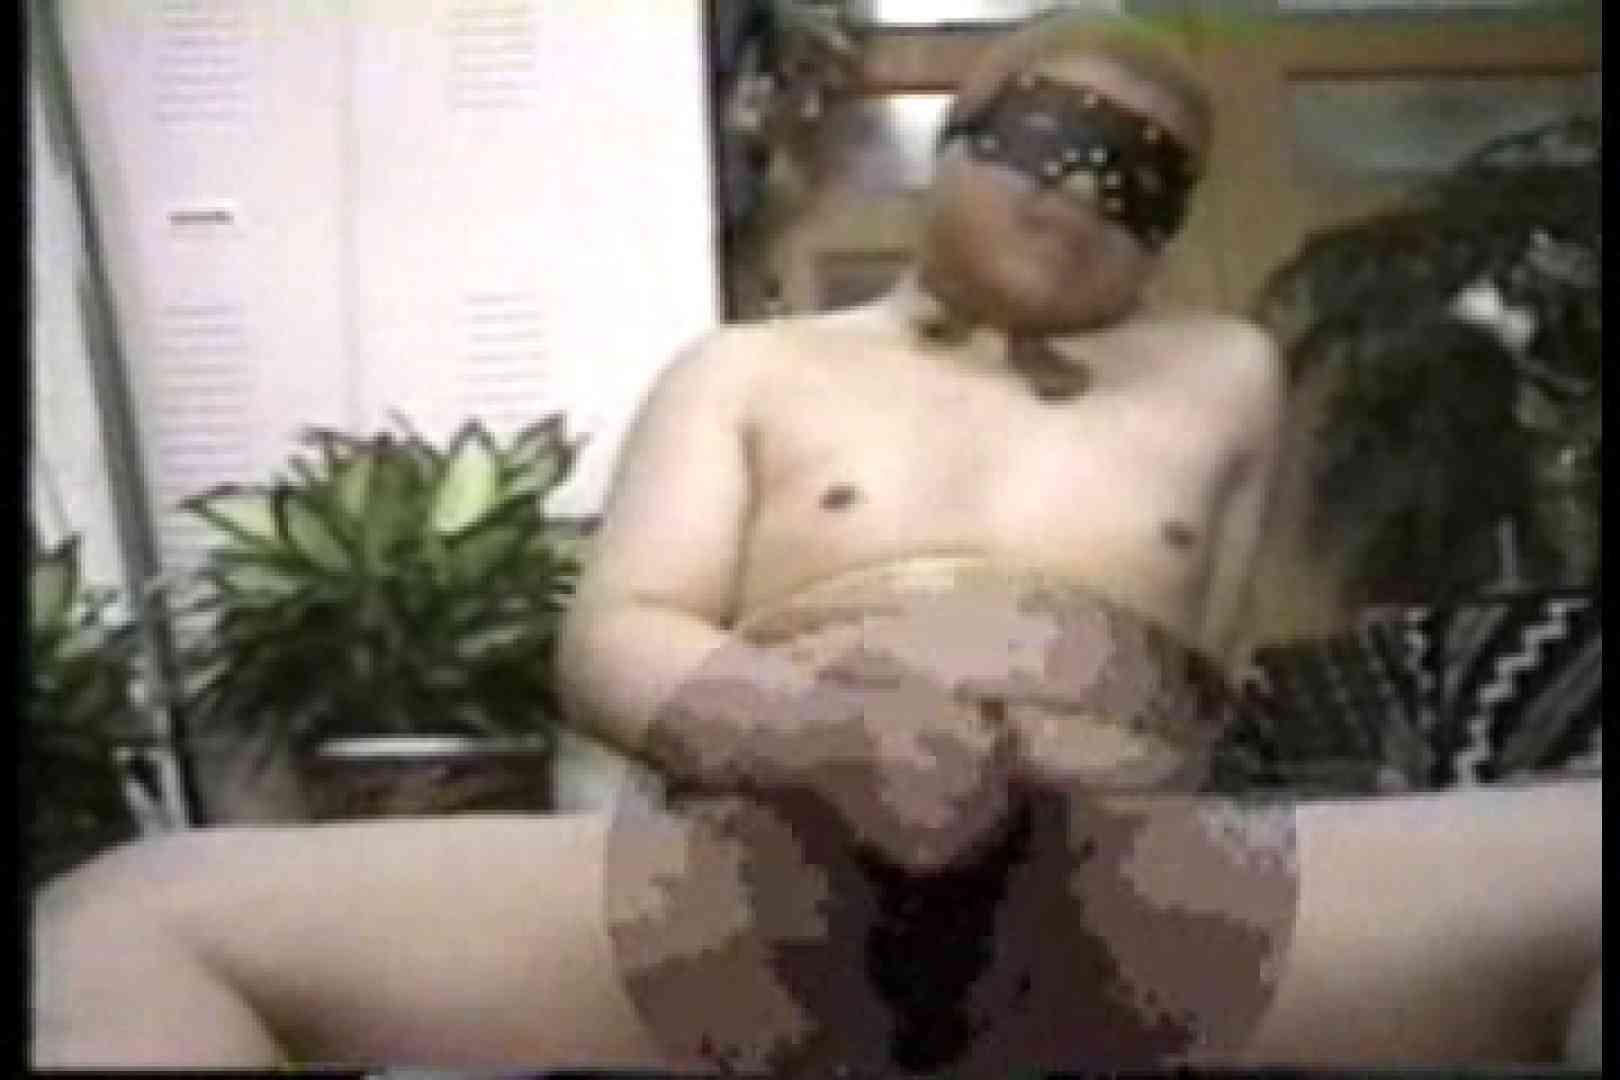 太った男じゃダメですか?10 ディルド ペニス画像 10画像 5